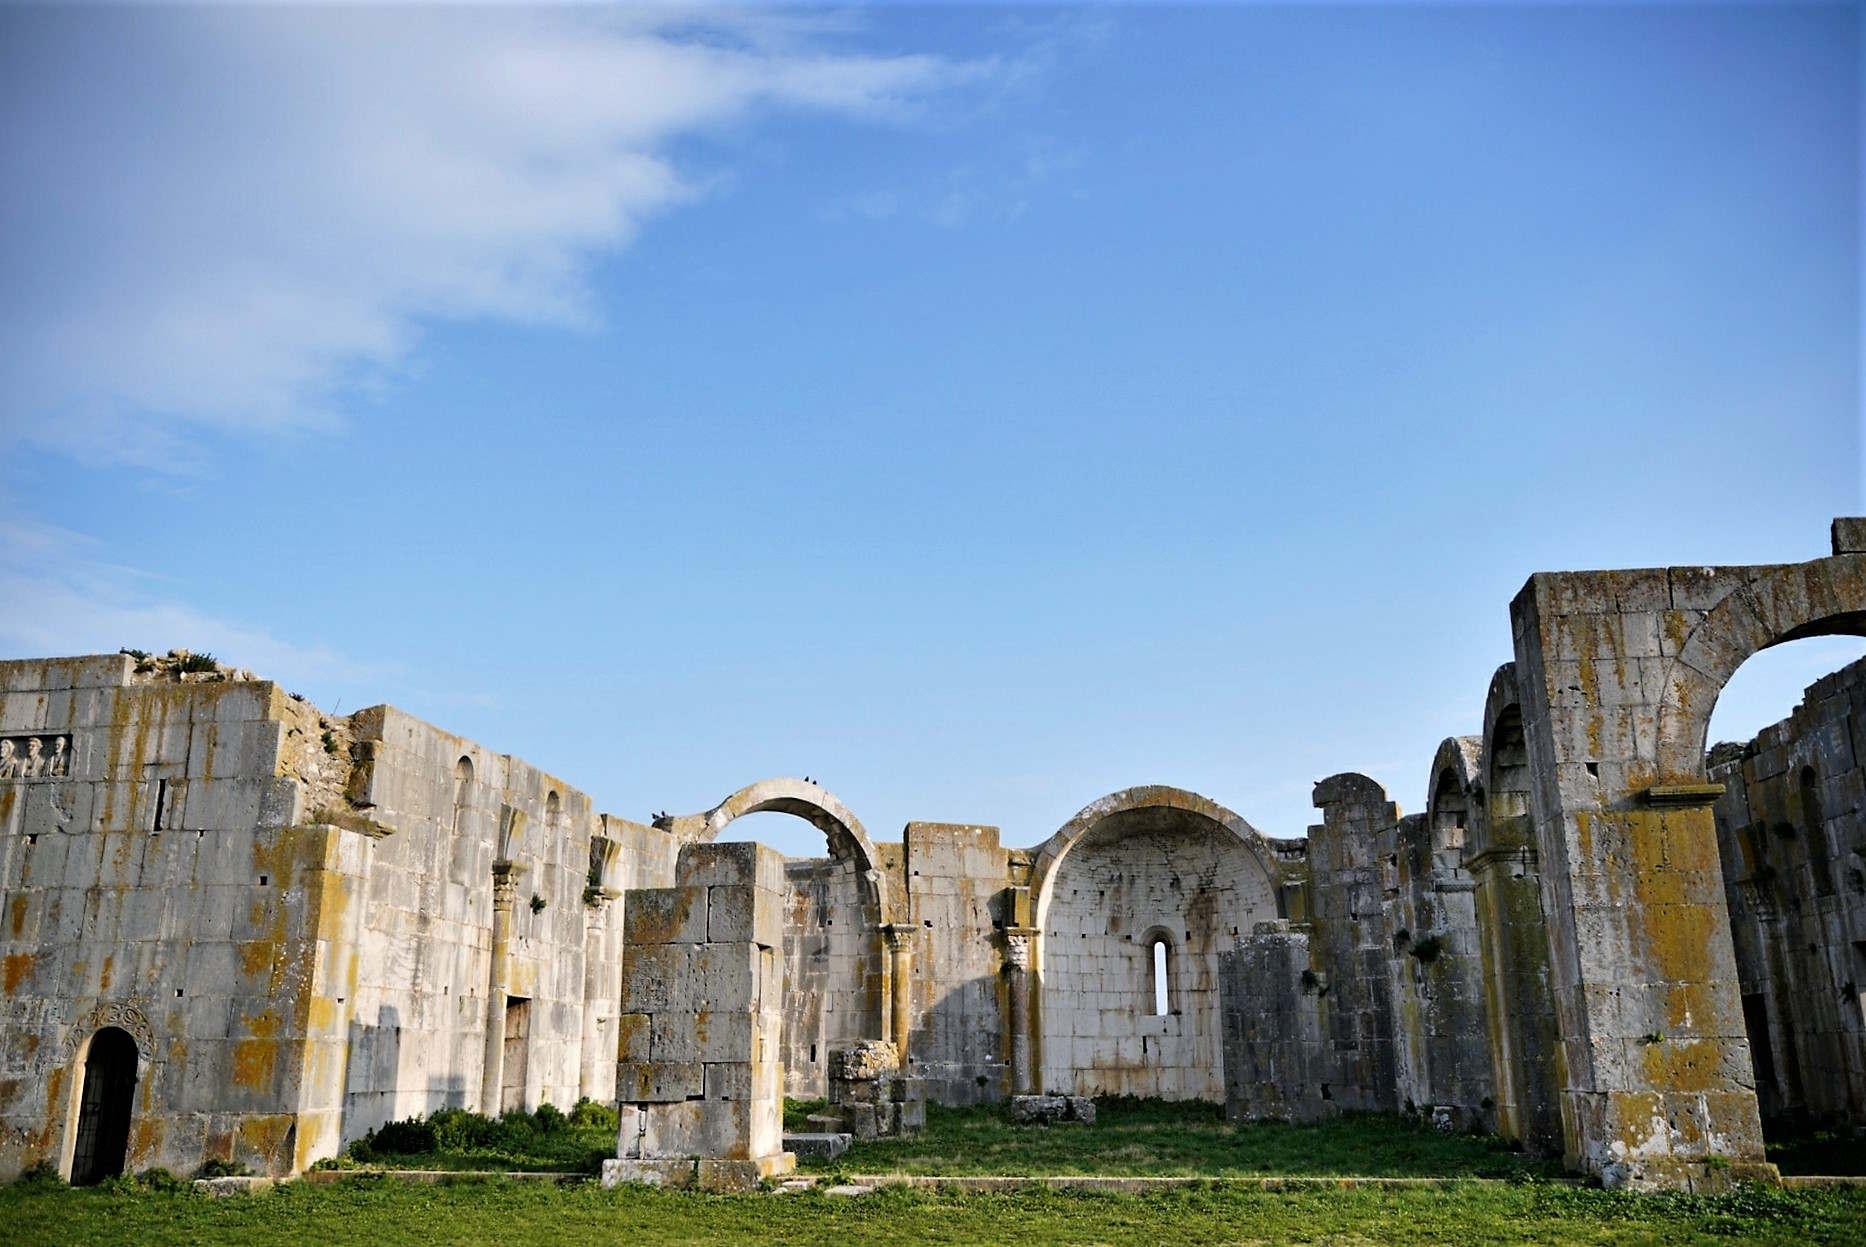 Borghi da visitare in Basilicata - Venosa: Panorama sull'Incompiuta cose da vedere in Basilicata ( Lucania)